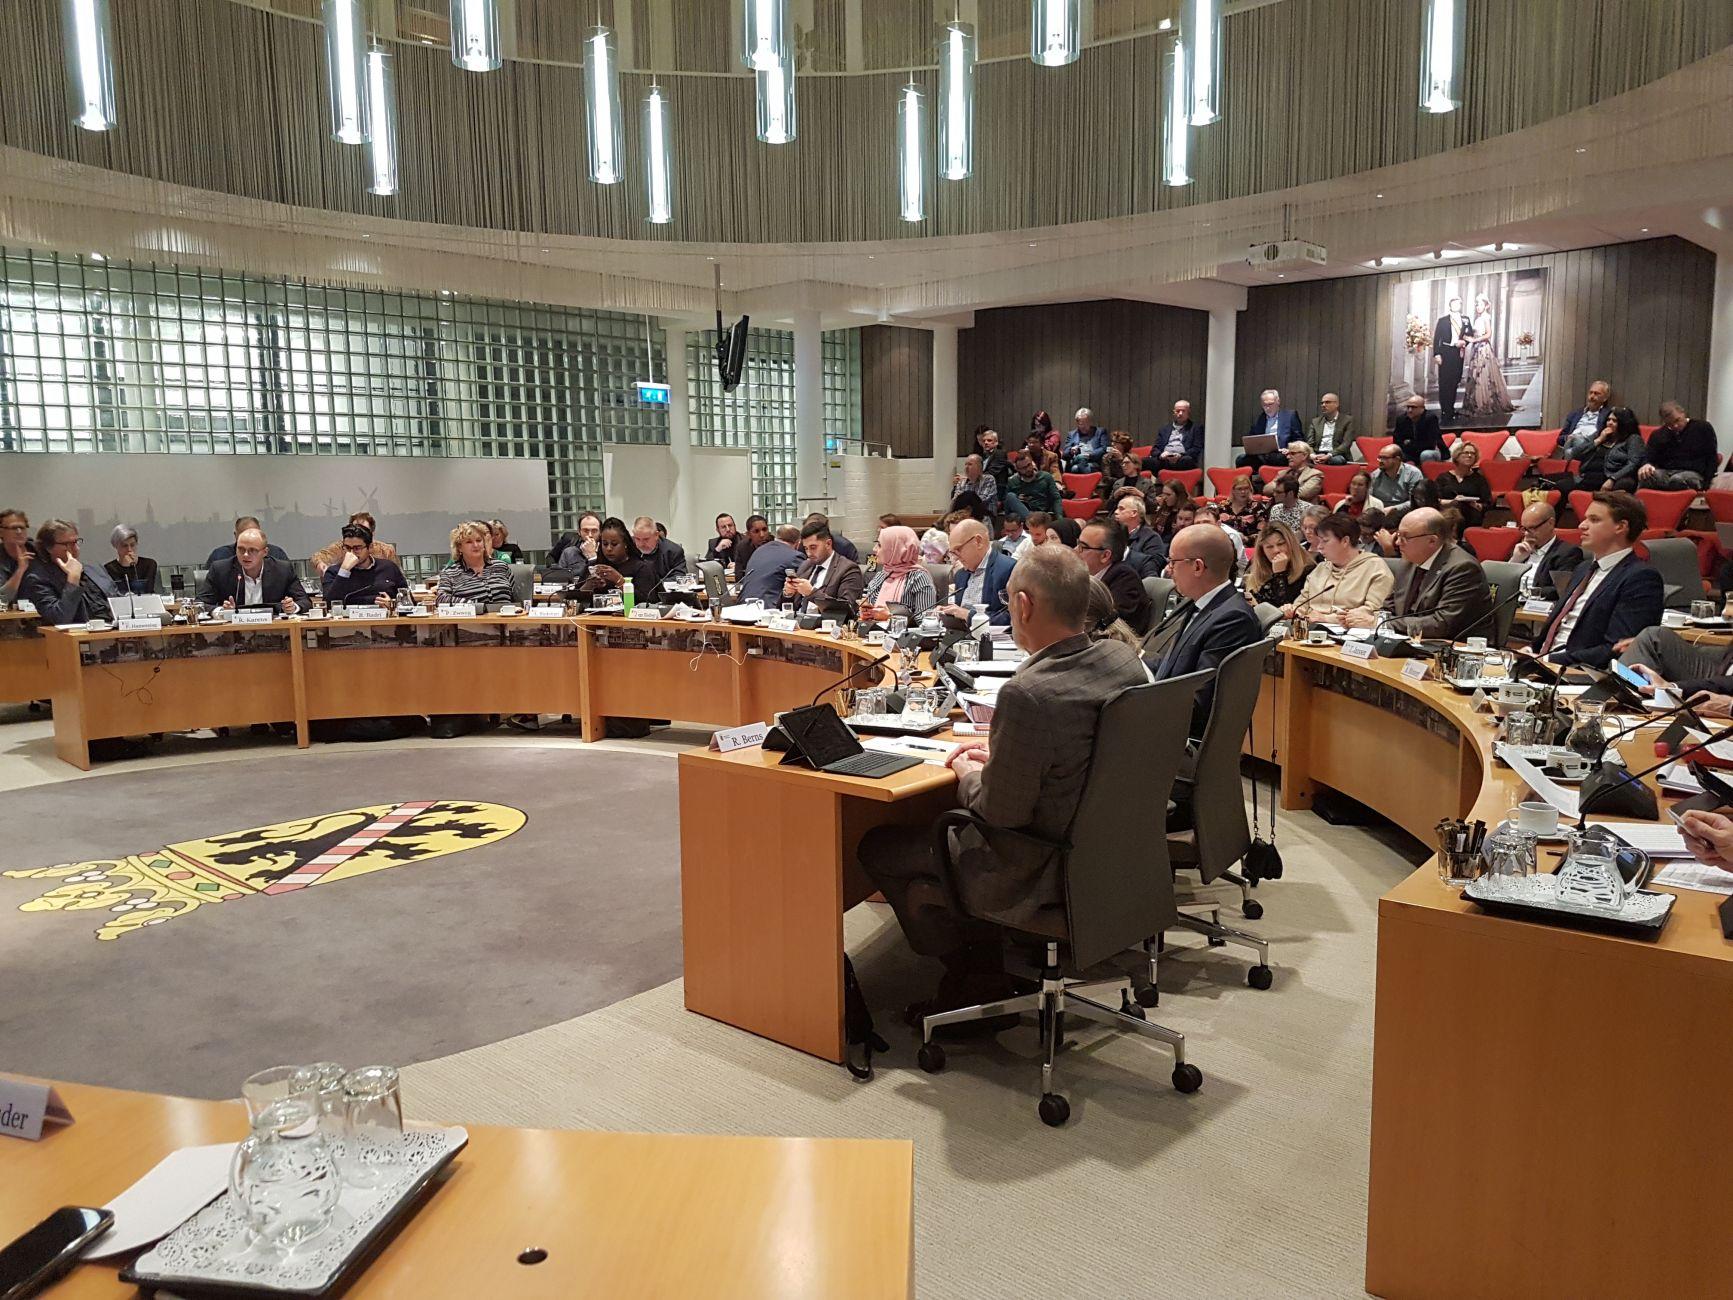 Raad komt met zes moties tijdens begrotingsdebat